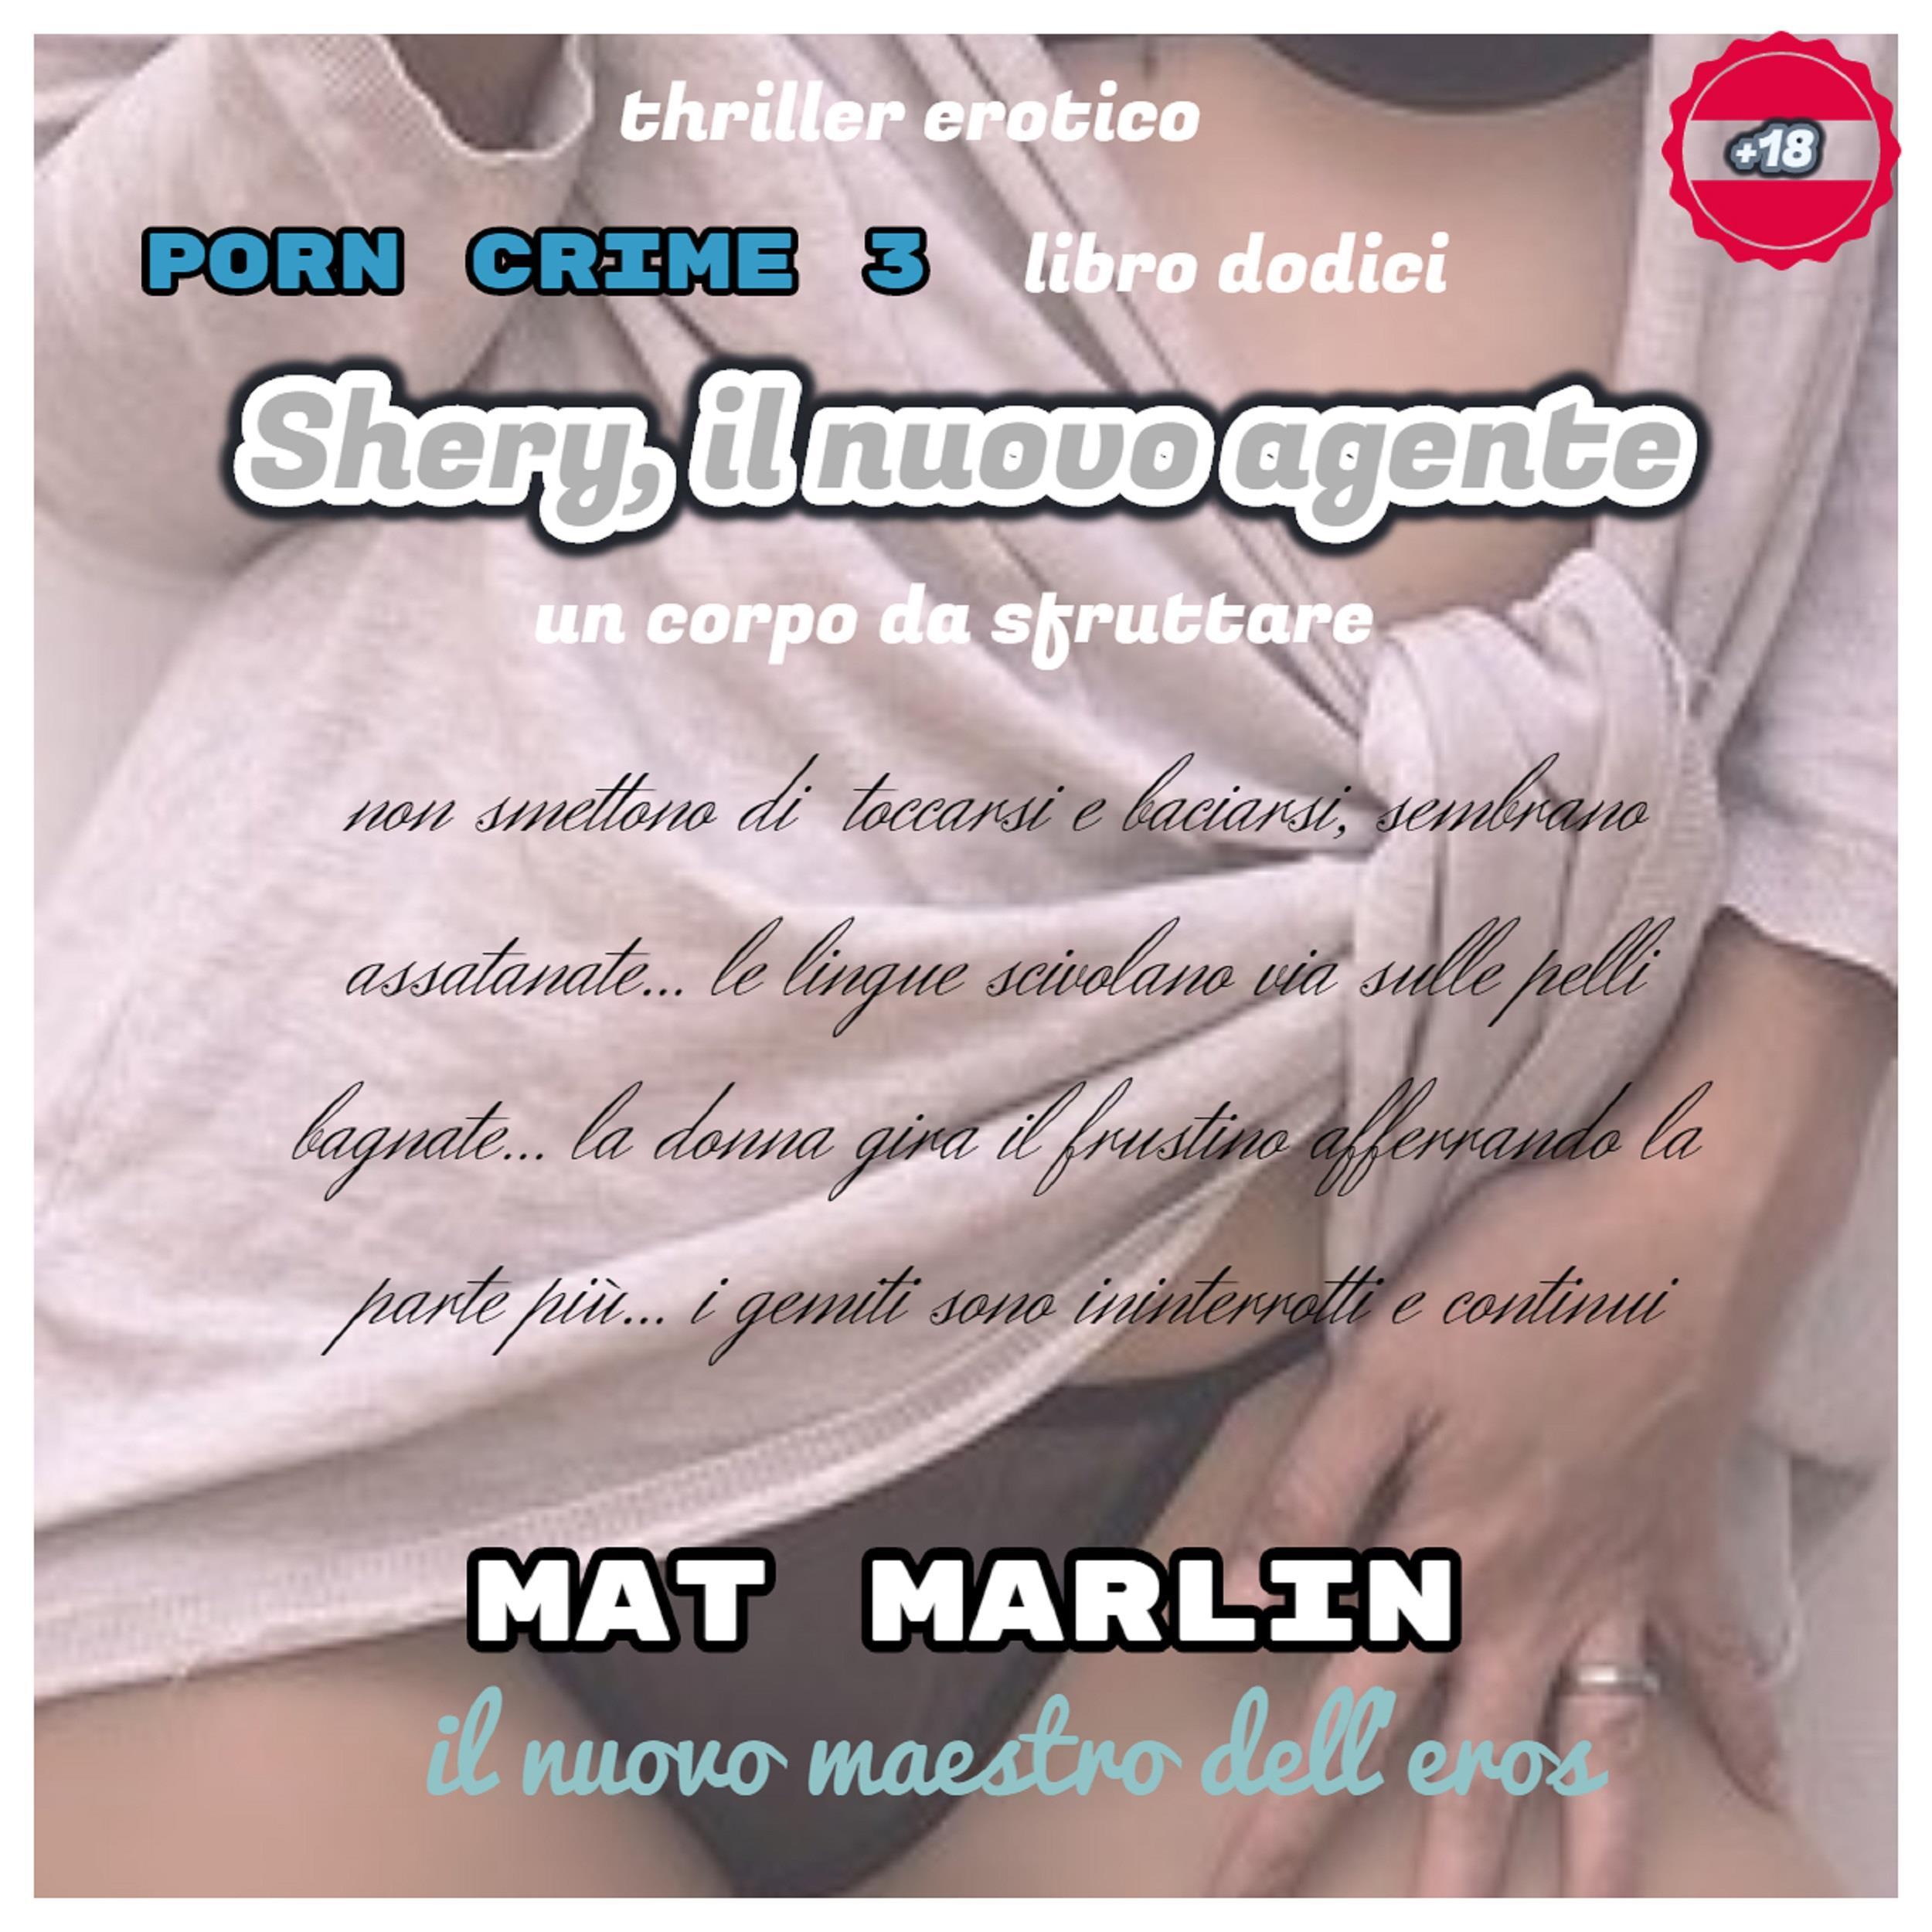 Shery, il nuovo agente, un corpo da sfruttare [Mat Marlin]